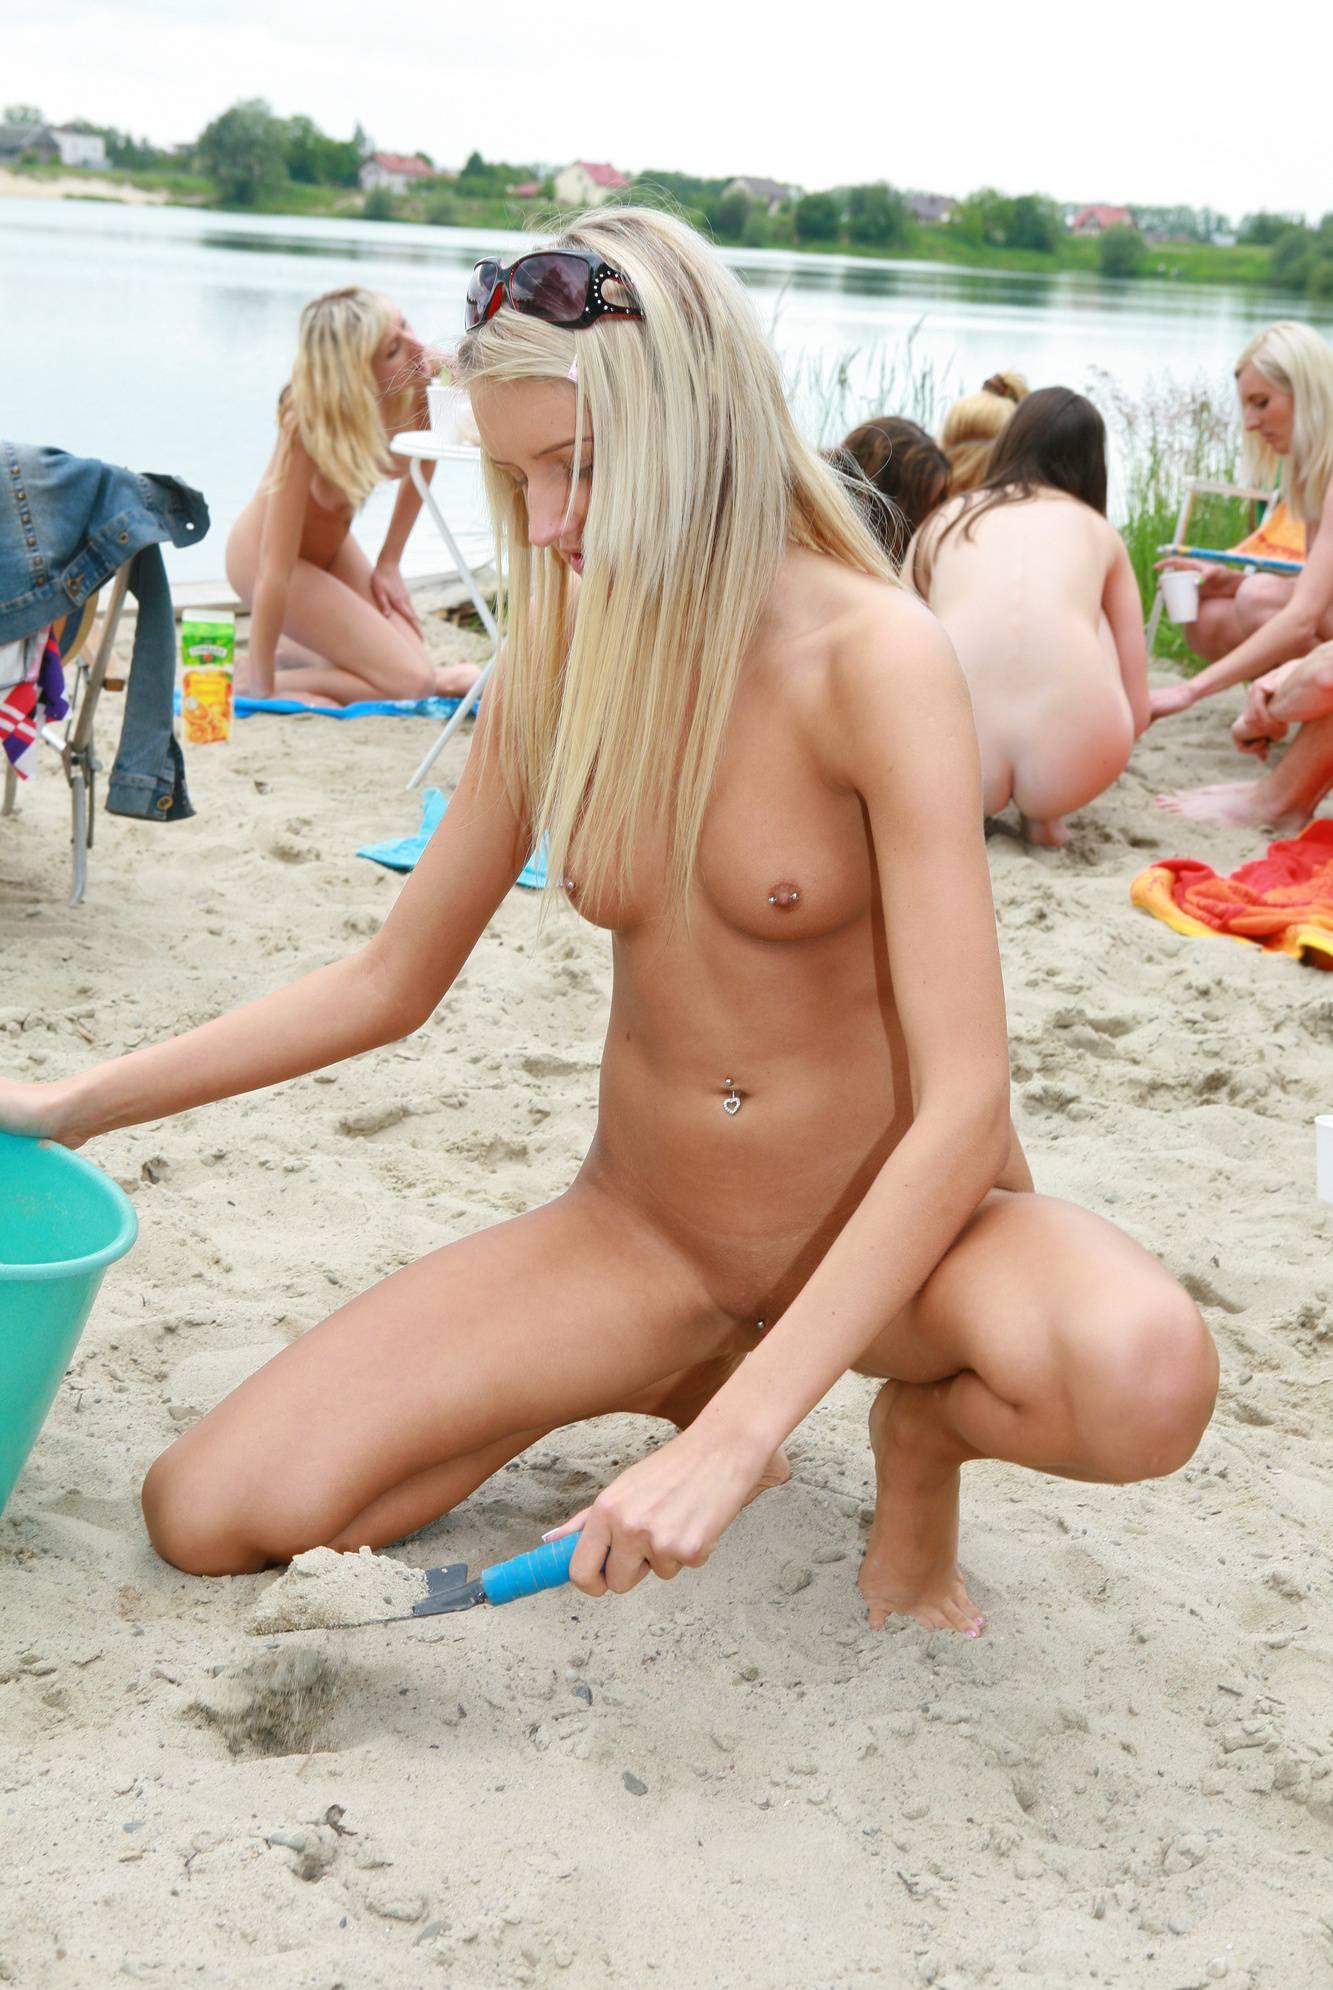 Lakeside Blonde Beauties - 2